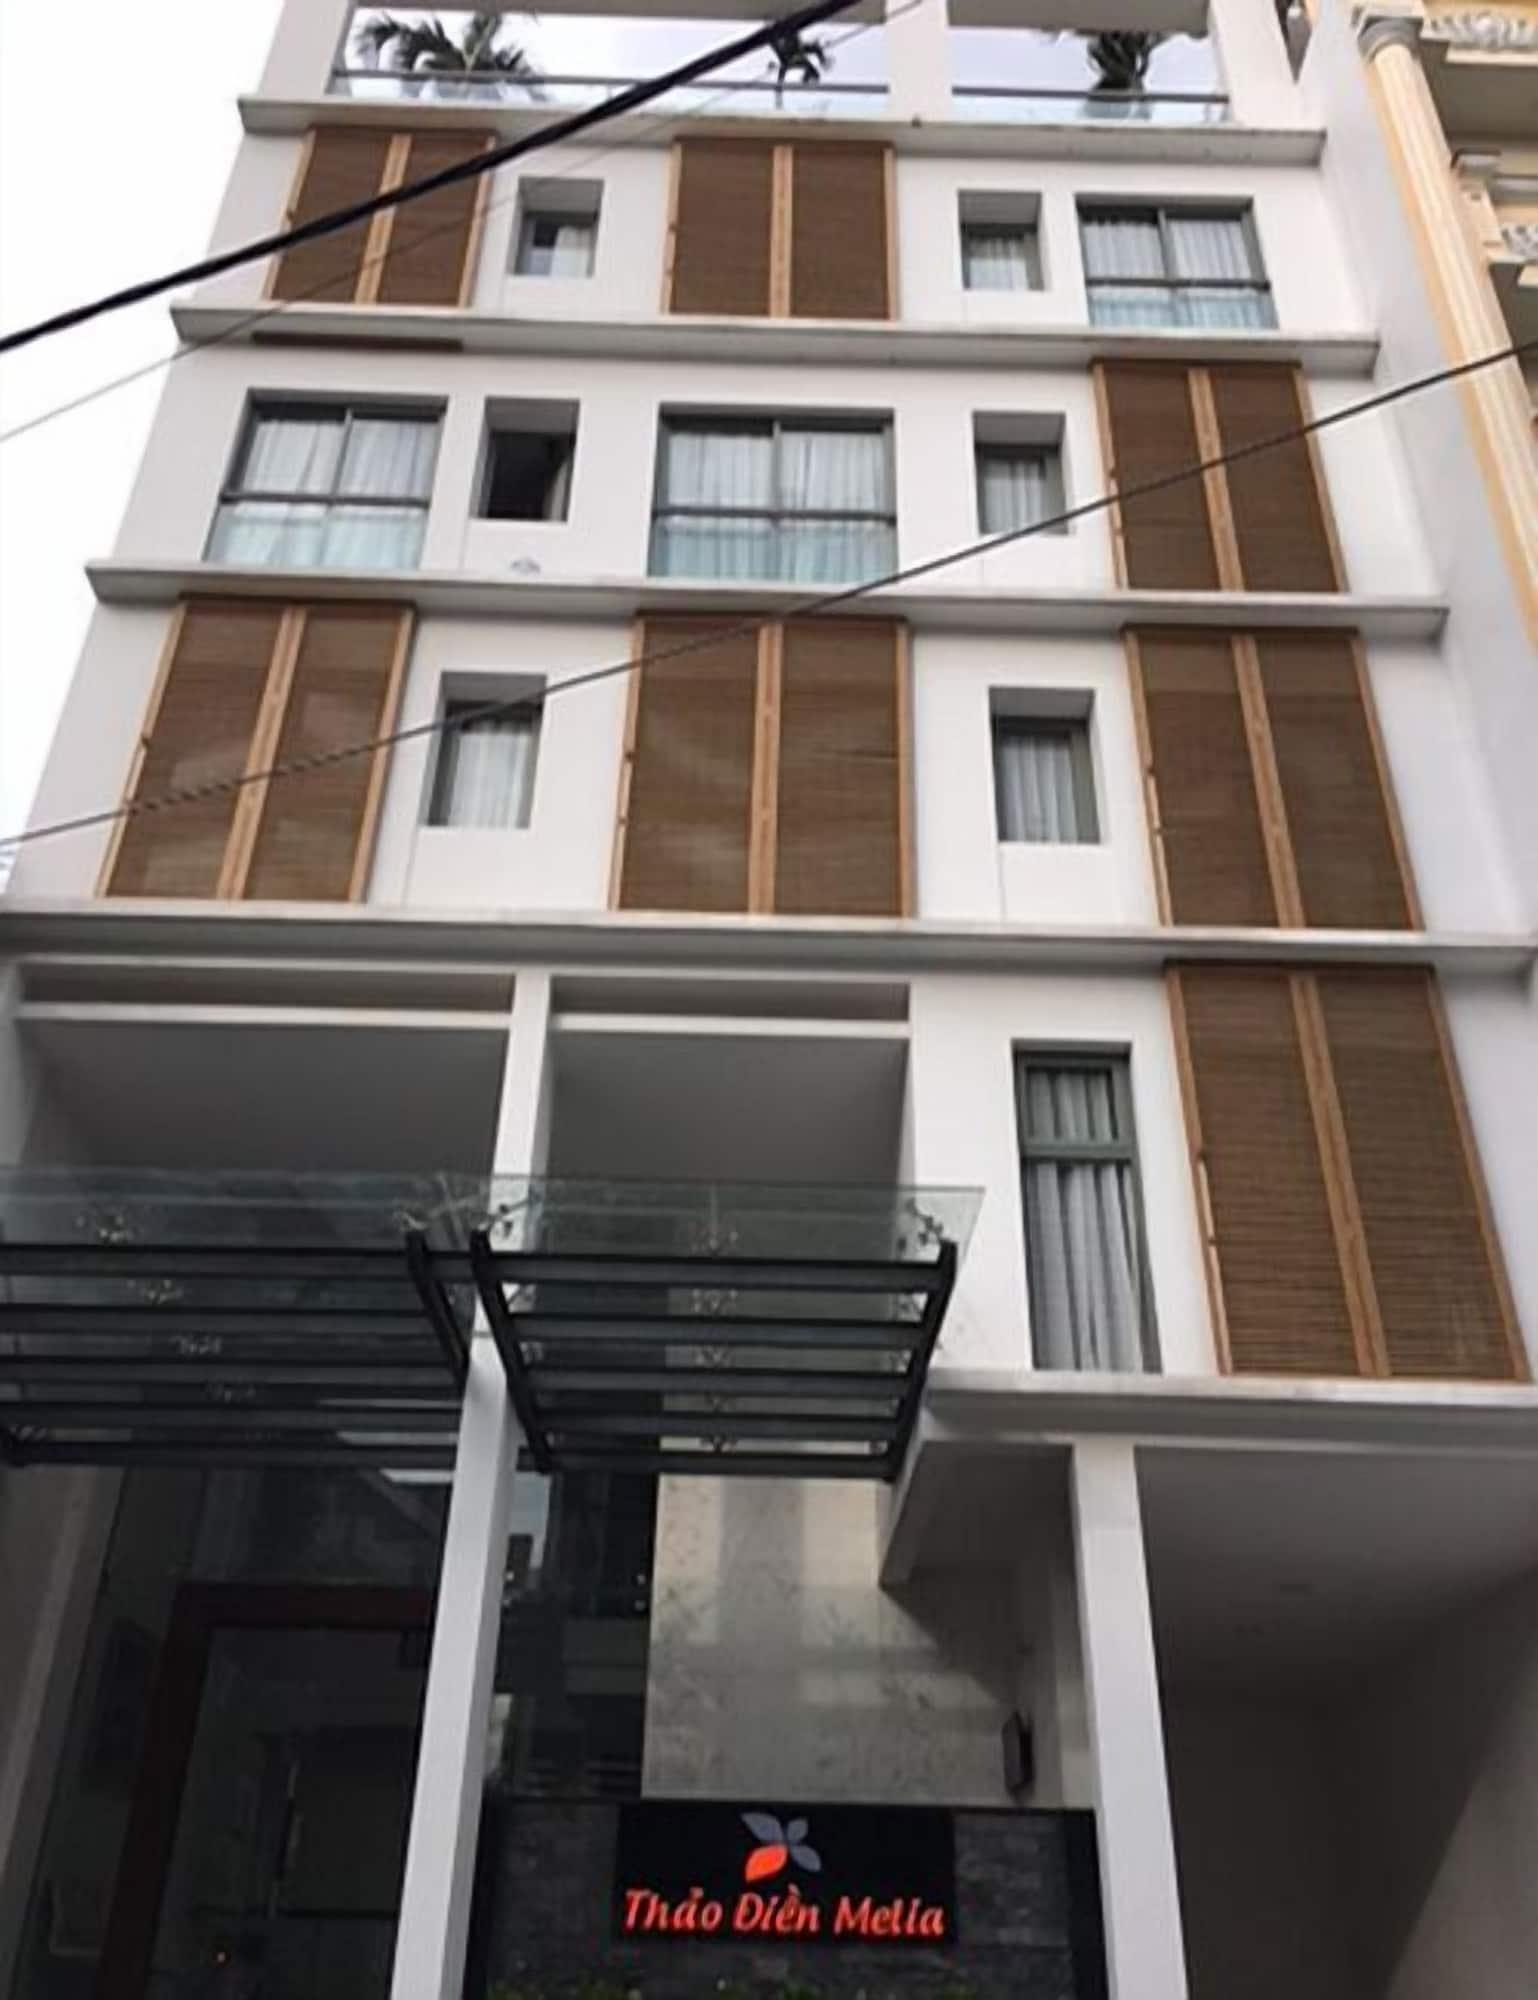 Thao Dien Melia Service Apartment, Quận 2